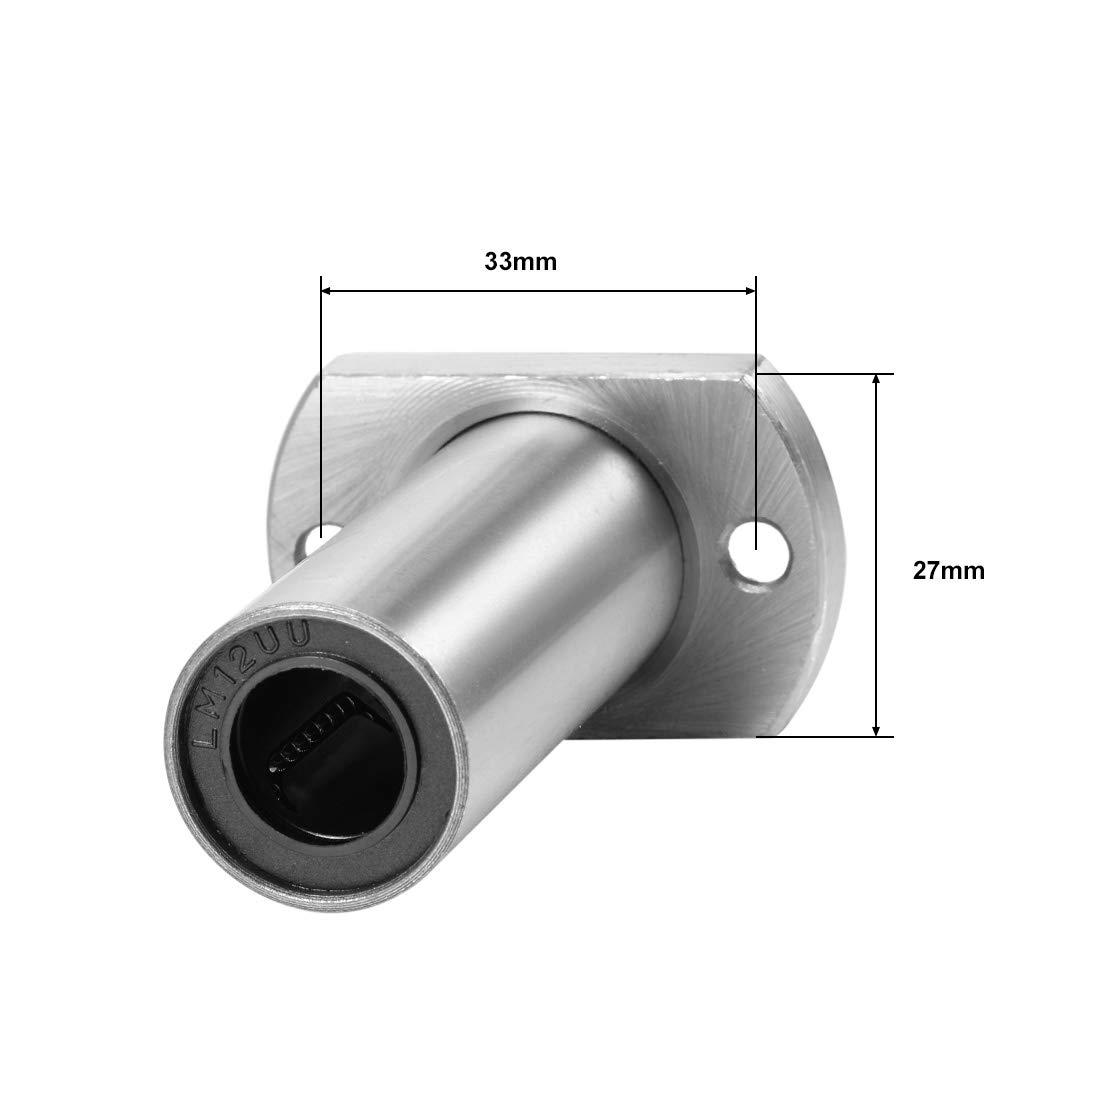 sourcing map LMH6UU Zwei Seitenschnitt Linearkugellager 6mm Bohrung 12mm Au/ßen 19mm L/änge DE de